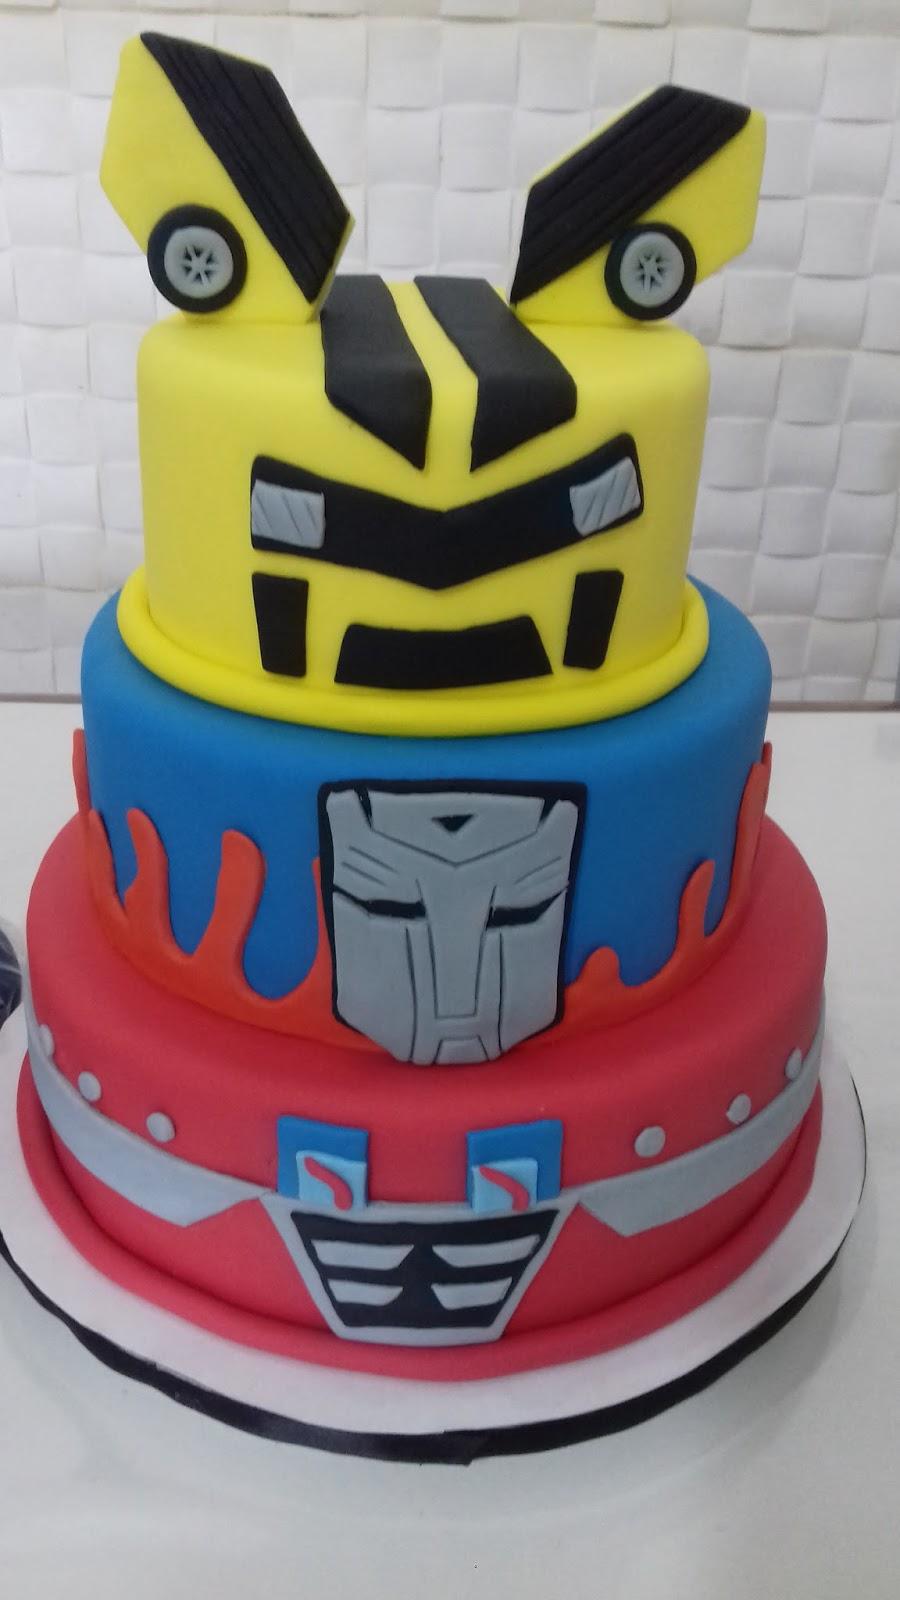 claro que não podia faltar um bolo lindo dos transformers, Bumble Bee